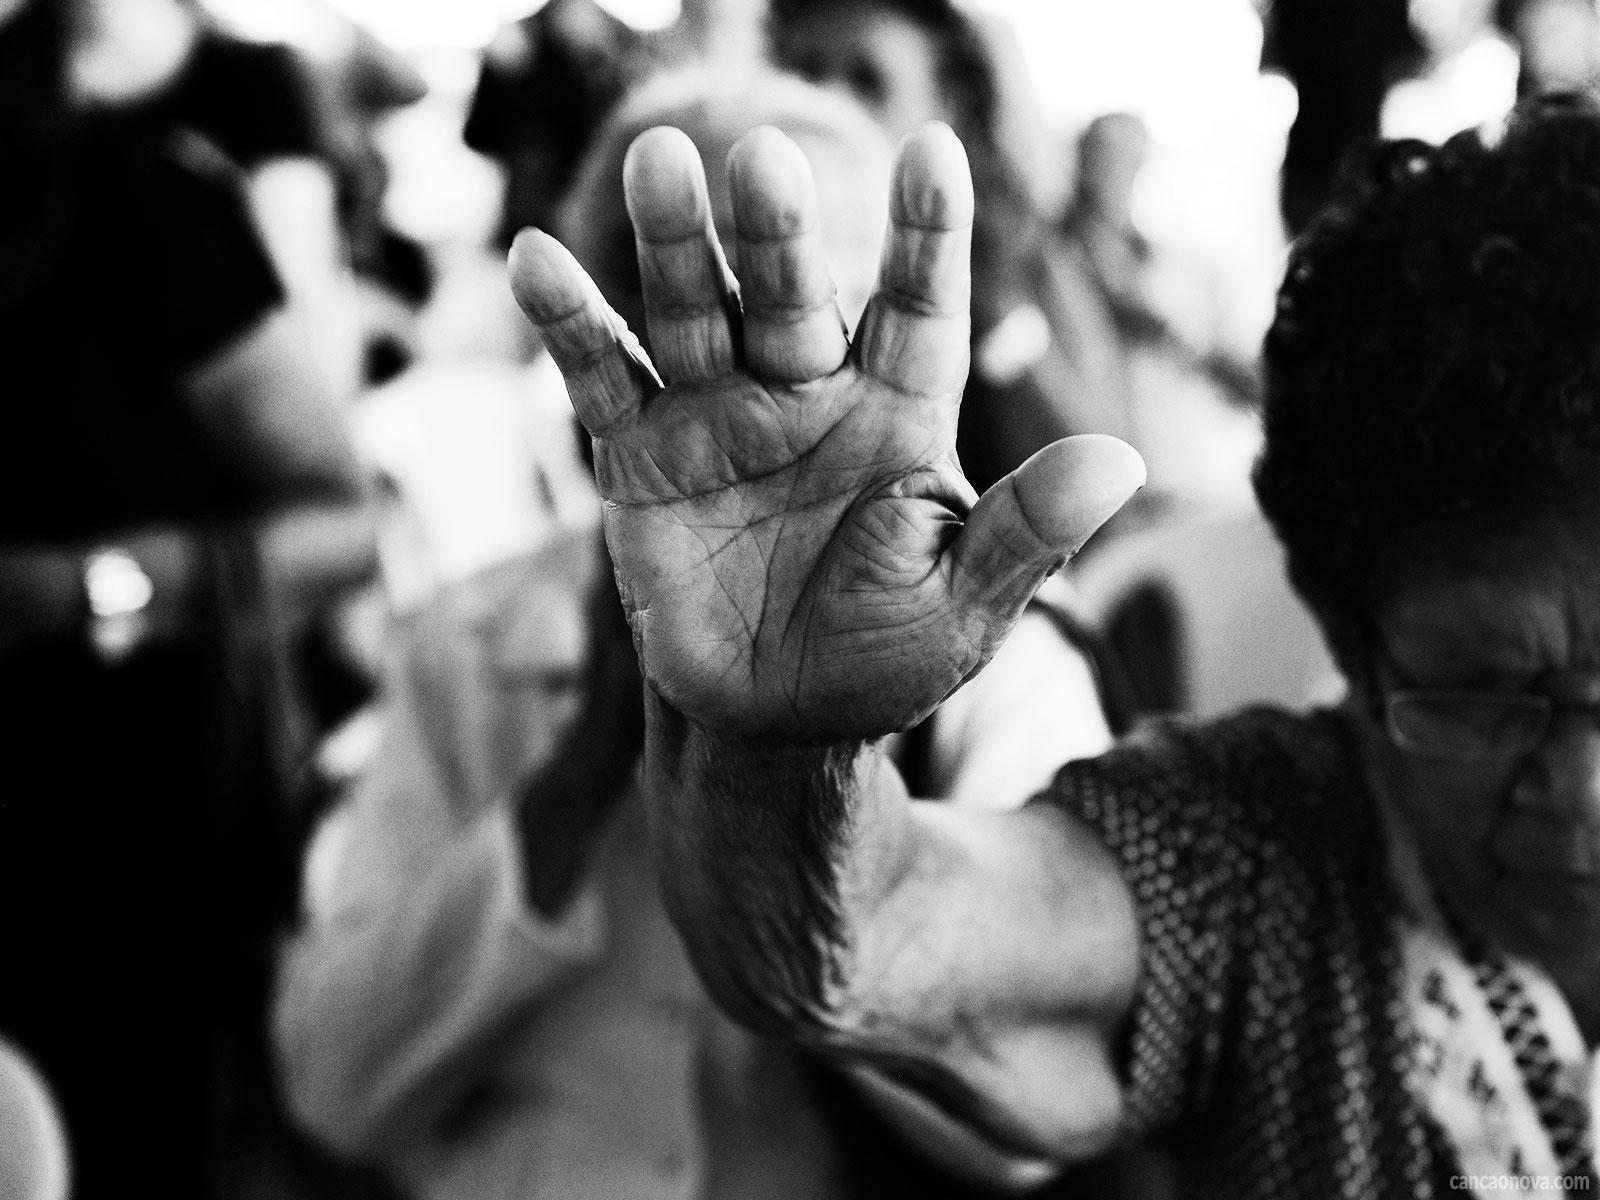 A-doença-do-corpo-e-alma-pode-ser-curada-com-a-oração